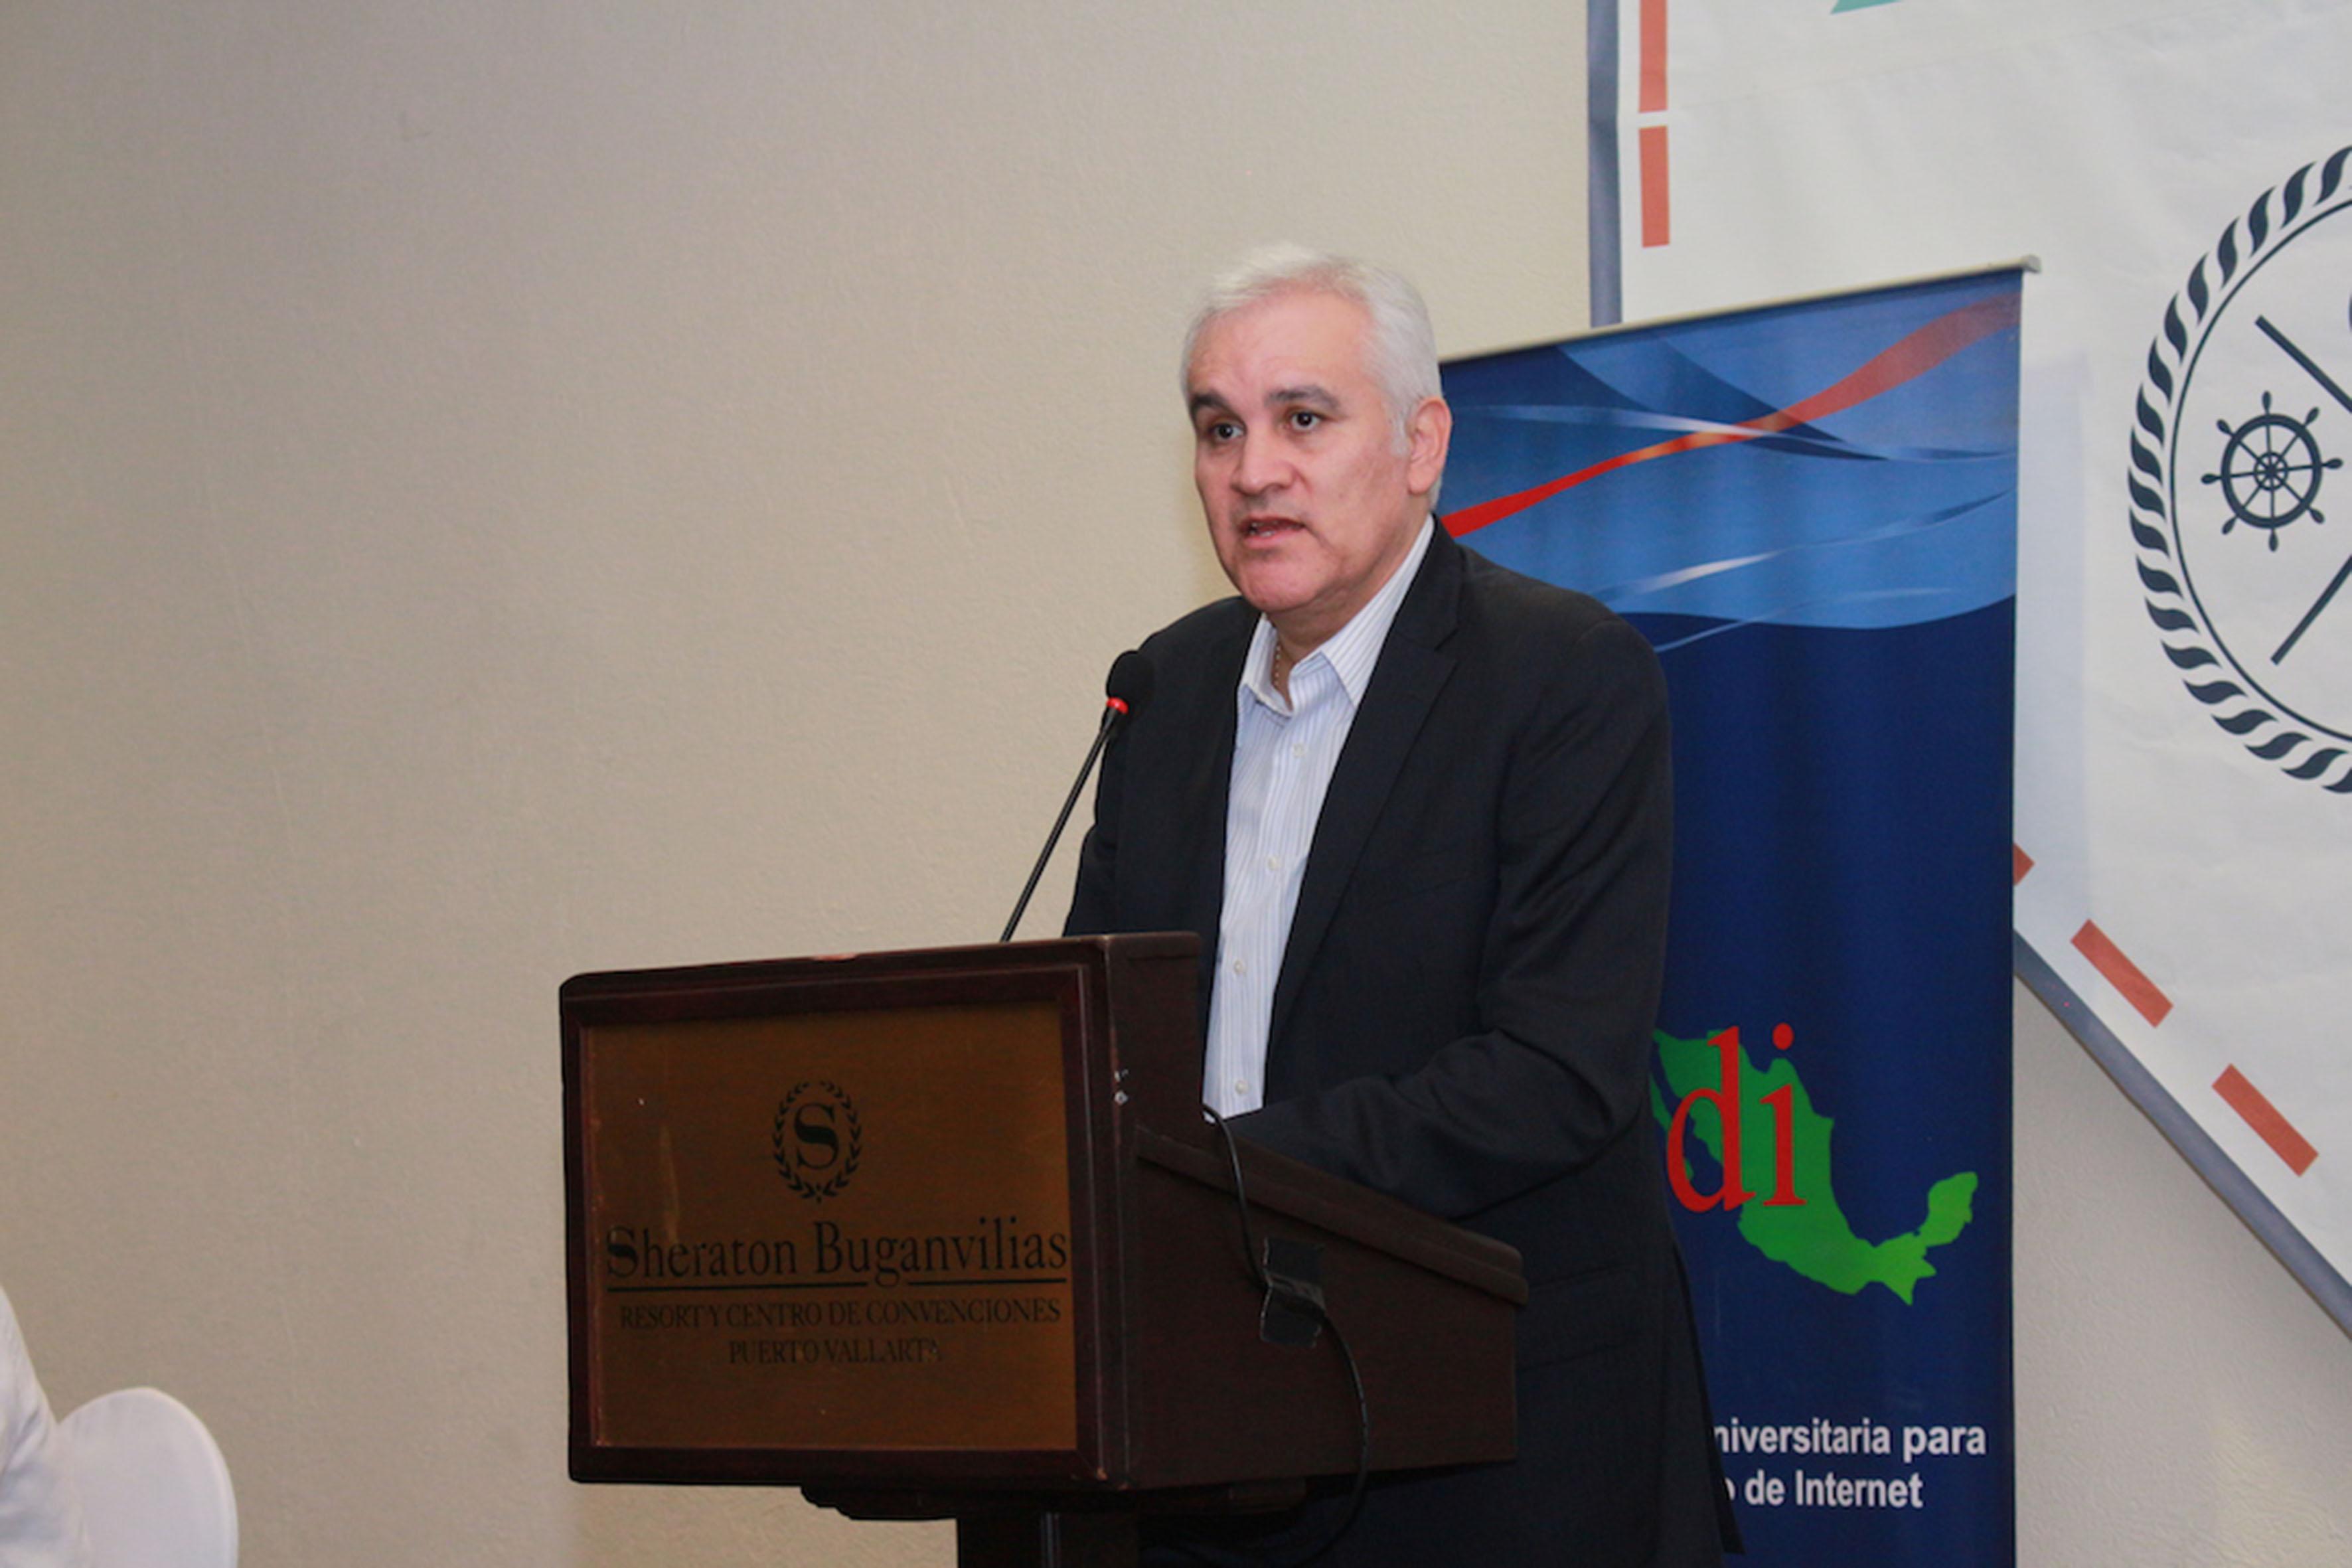 Dr. Víctor Gerardo Carreón Rodríguez,  director adjunto de Planeación y Evaluación del Conacyt, haciendo uso de la  palabra en el podium del evento, durante la clausura de los trabajos de Reunión CUDI 2017.